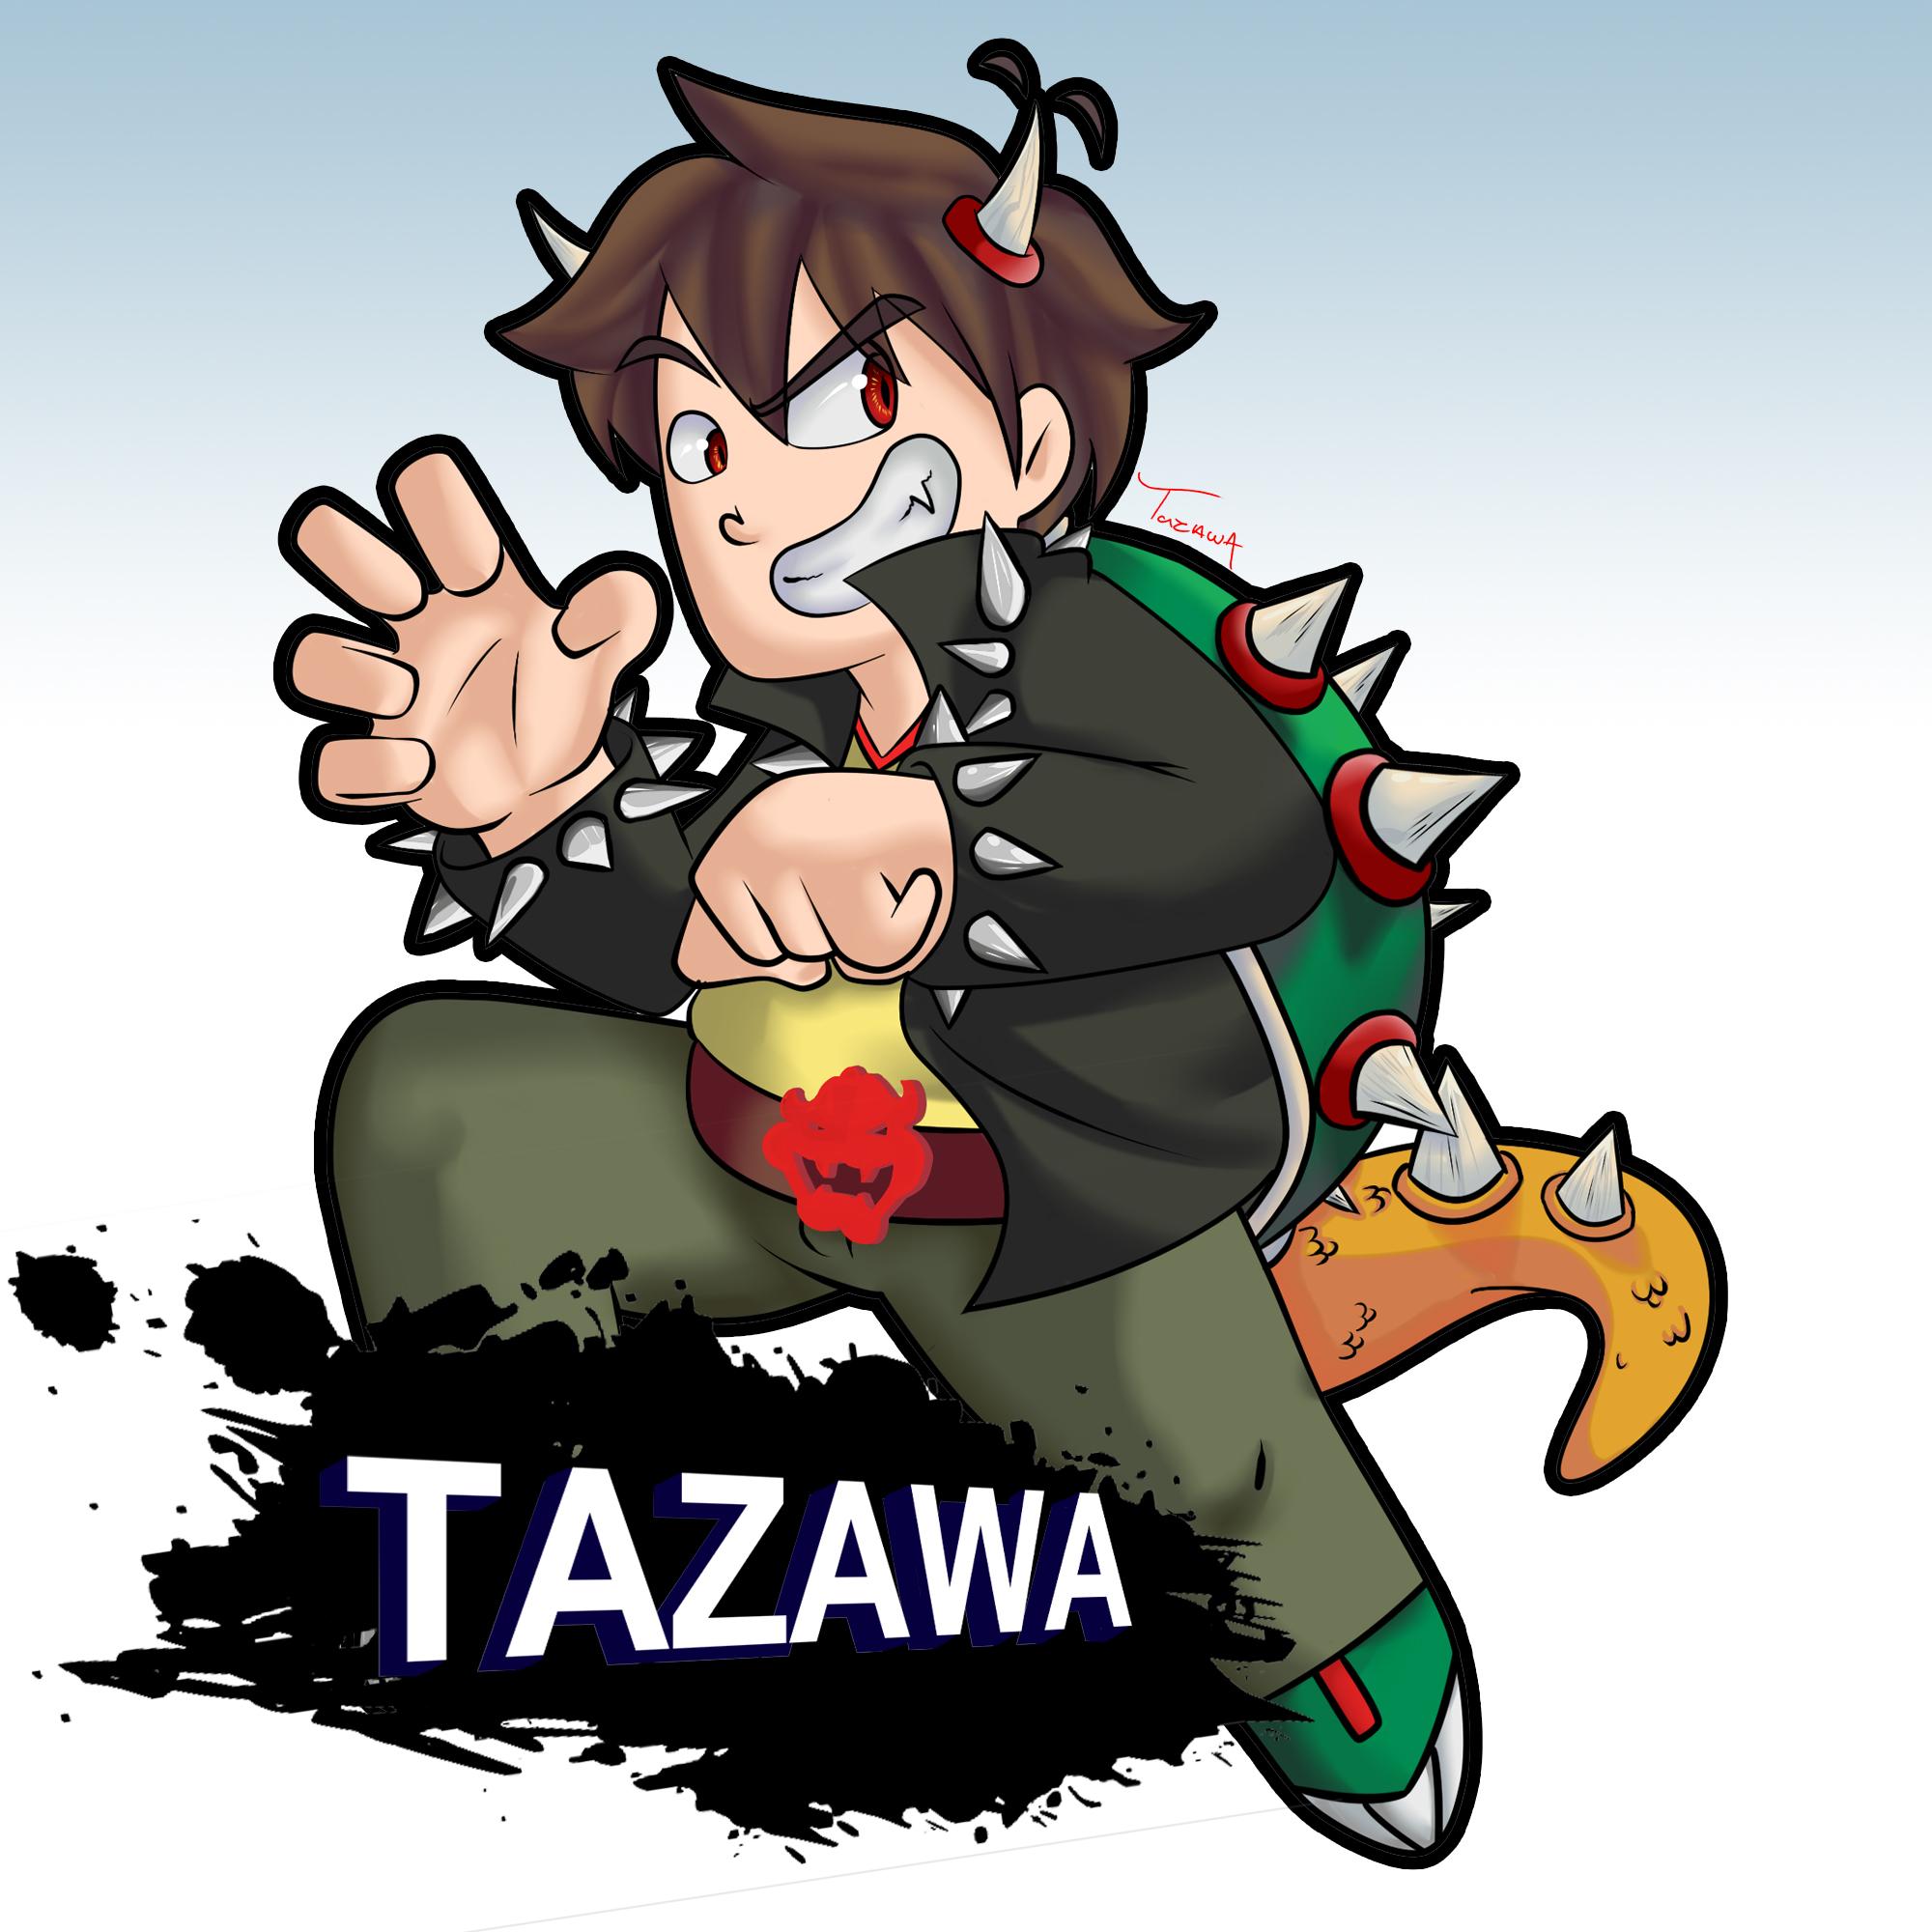 Tazawa-Bowser SmashFlashers